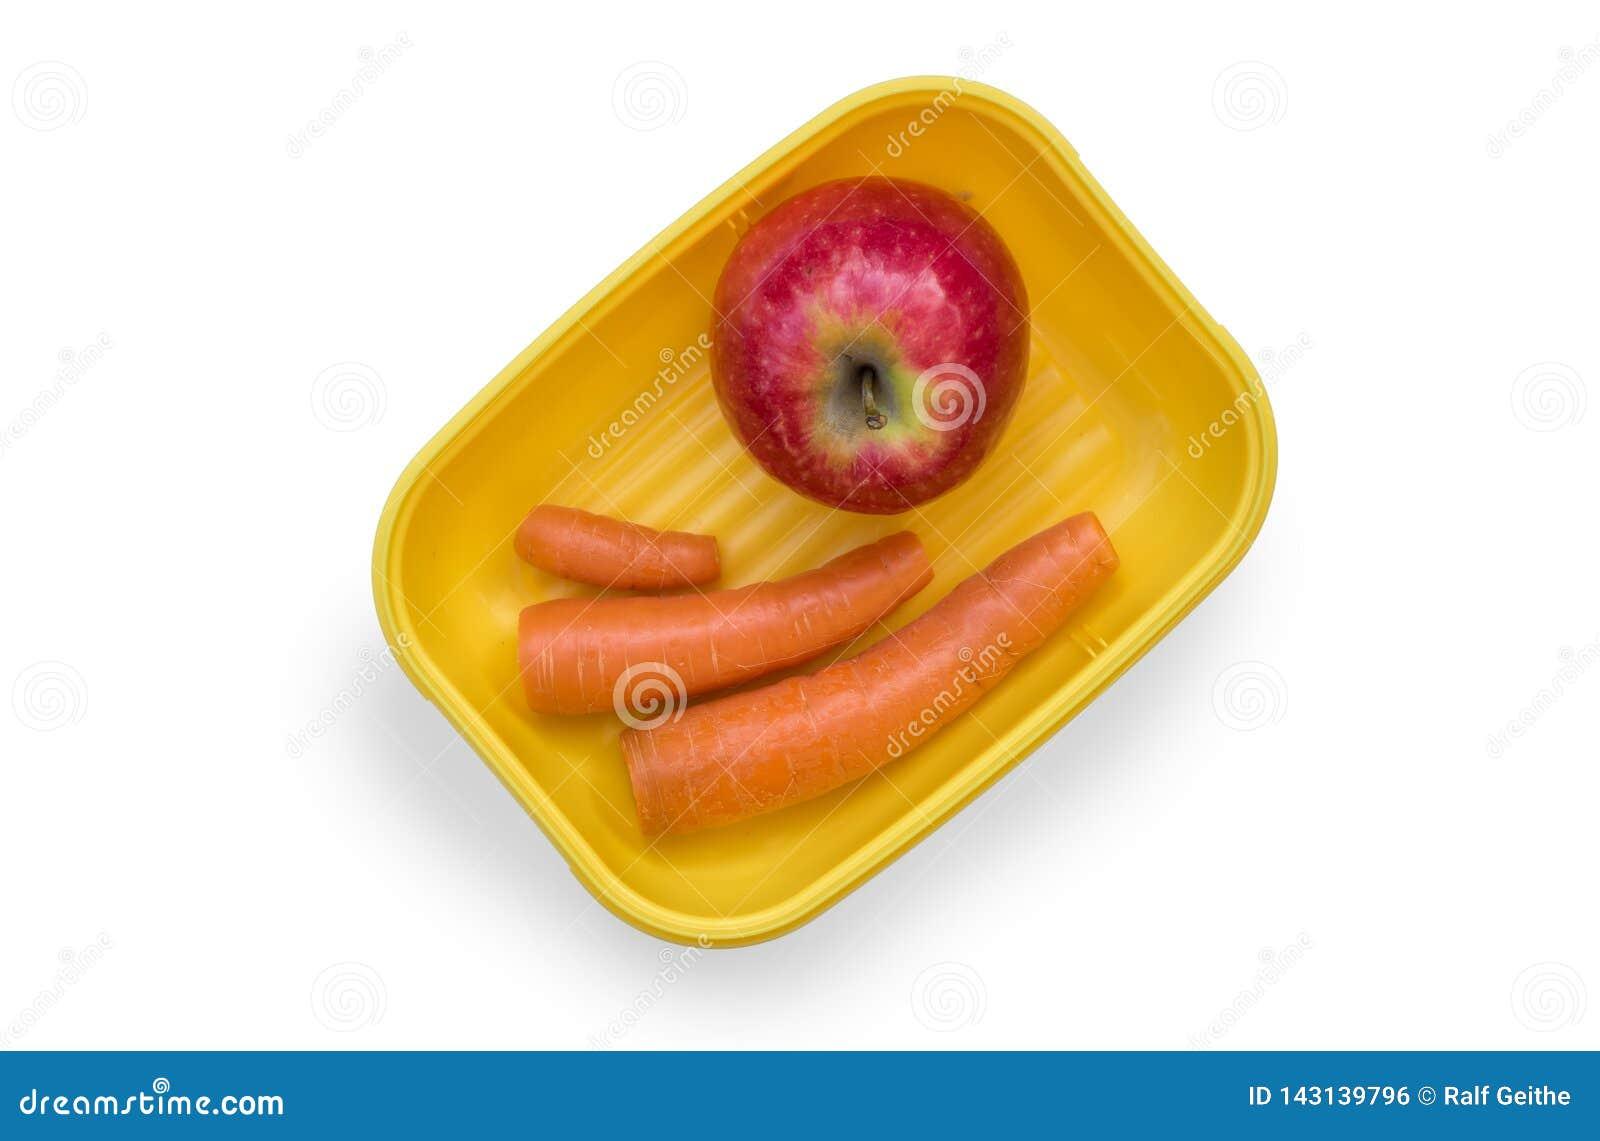 Gemüse in einem Brotzinn auf einem weißen Hintergrund als gesunden und hellen Frühstück